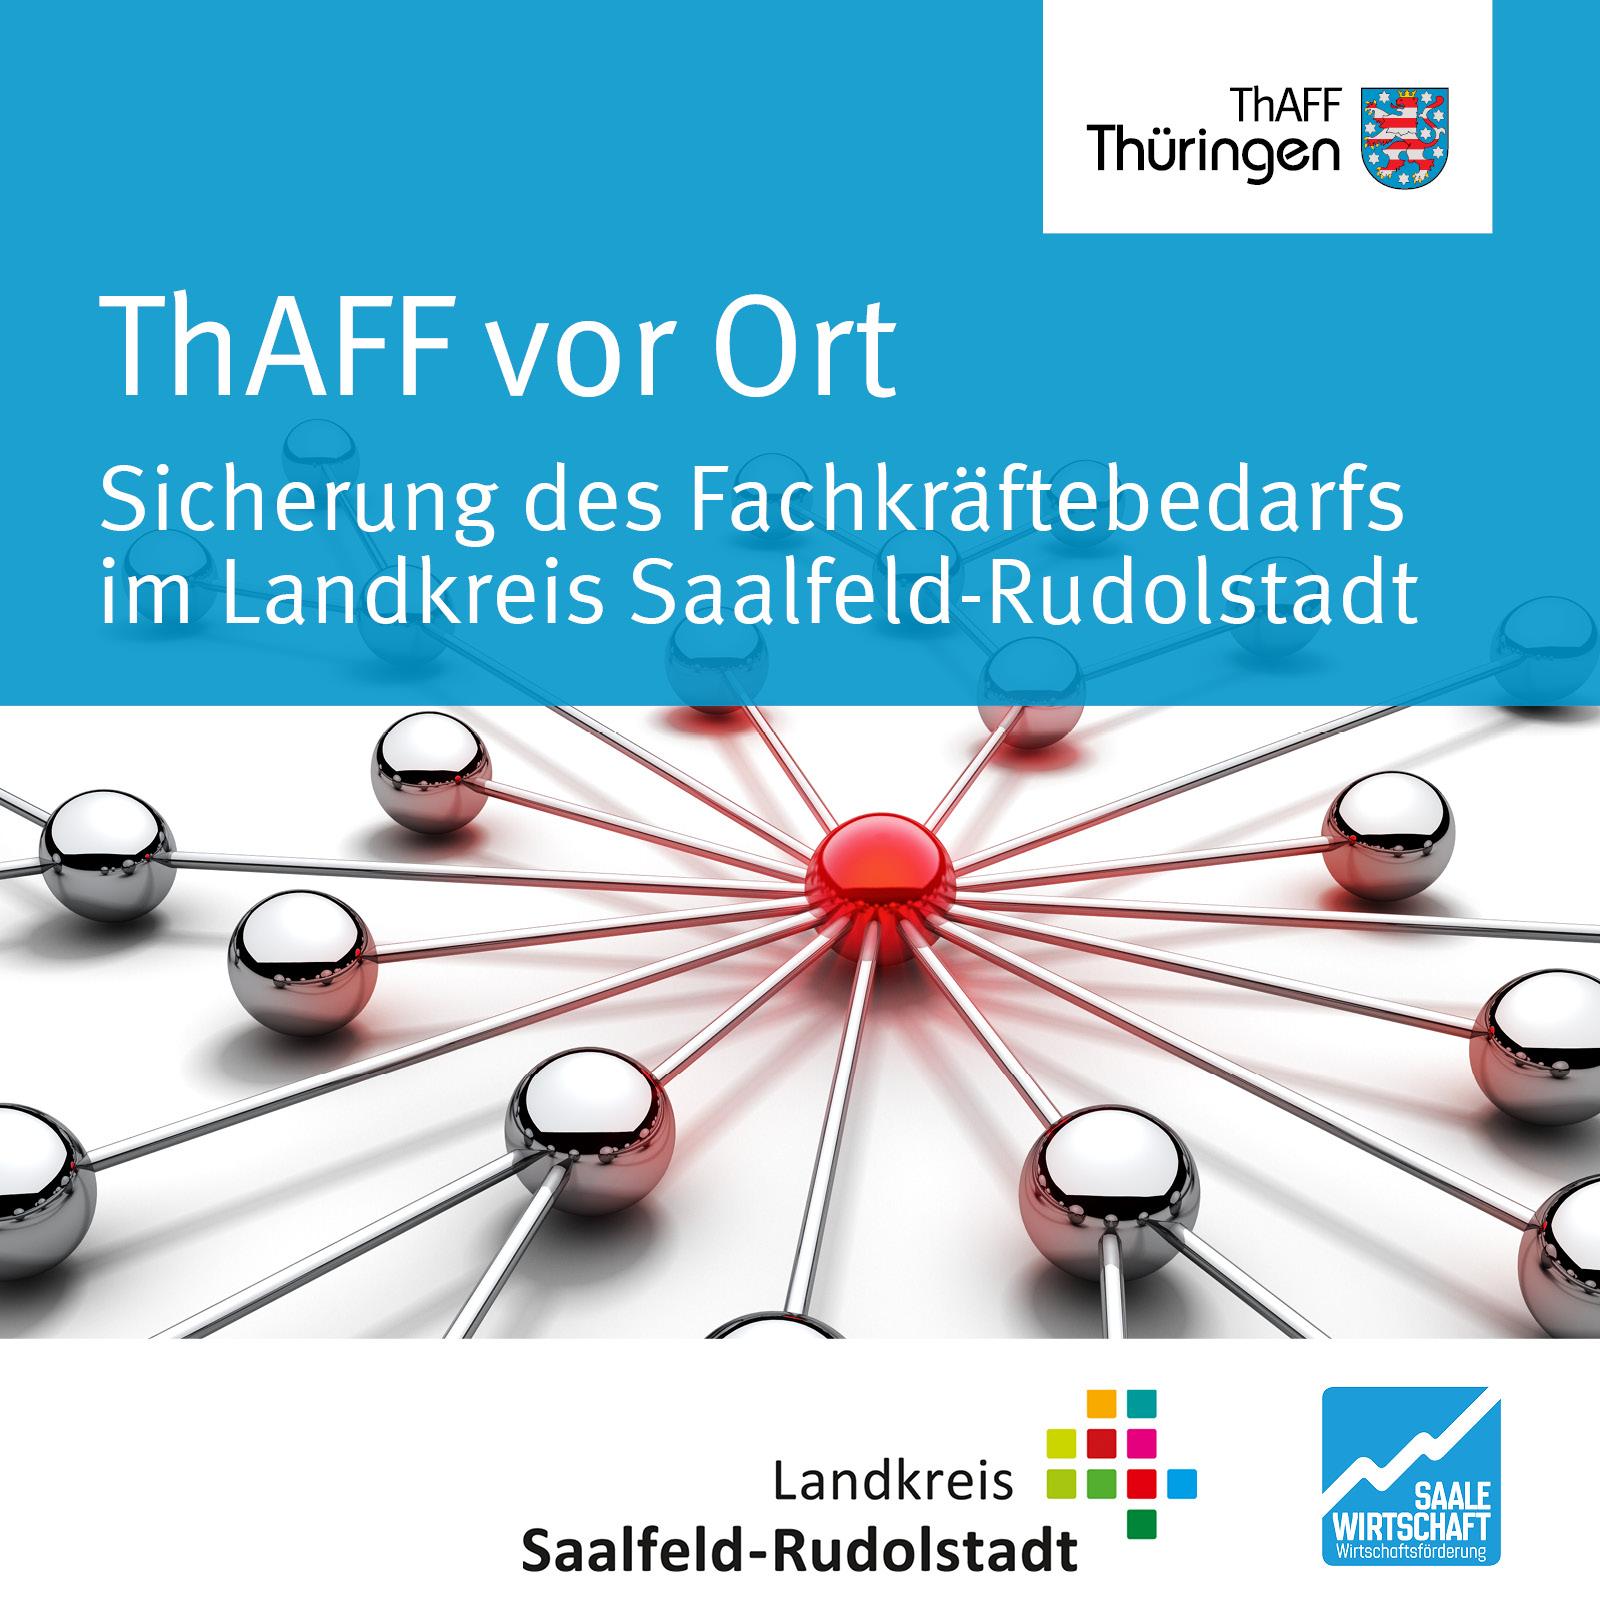 ThAFF vor Ort im Landkreis Saalfeld-Rudolstadt